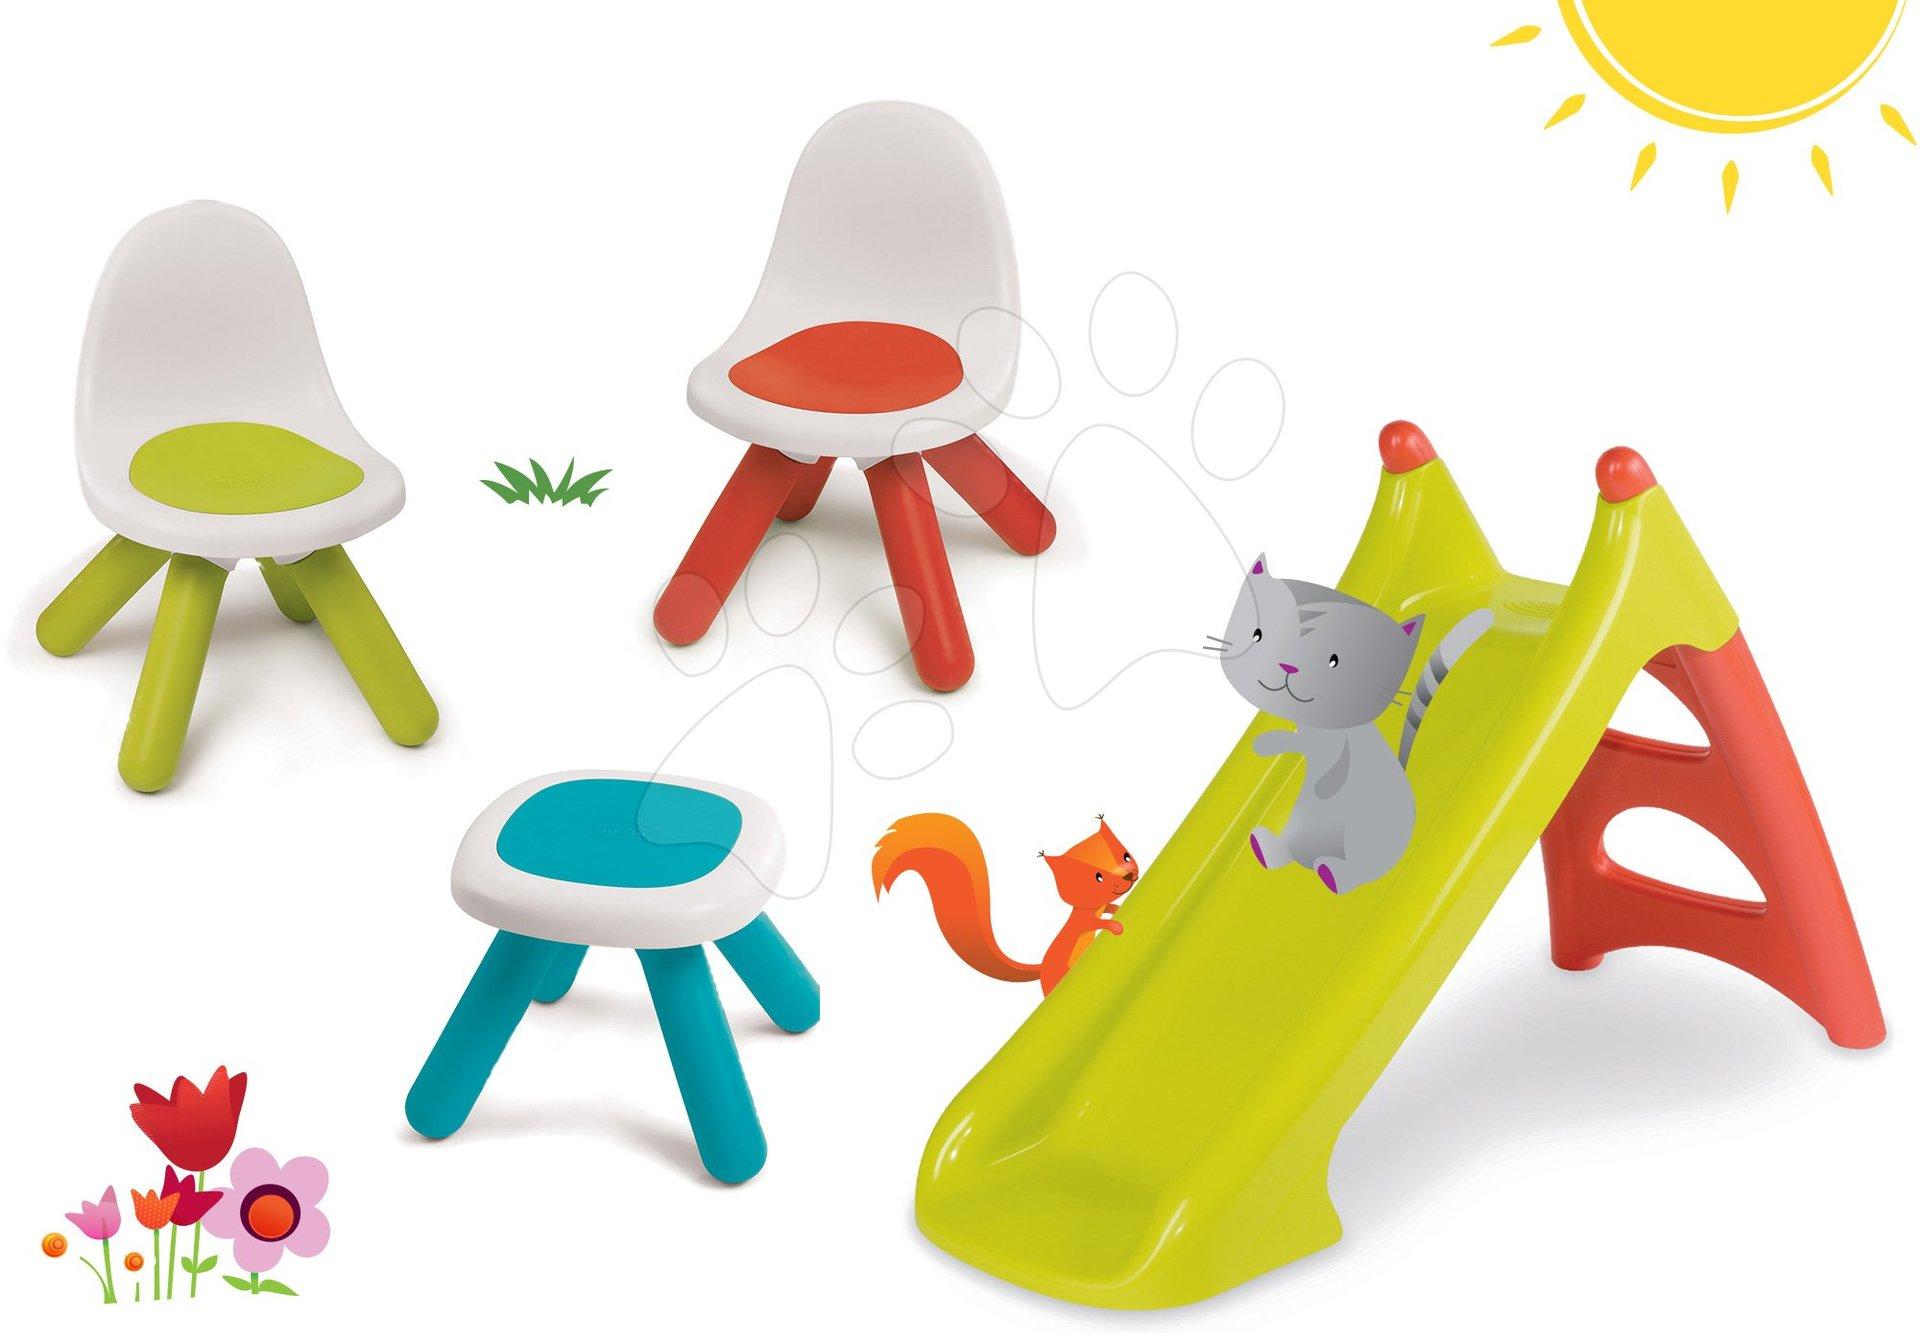 Smoby set dětský stůl Kidstool Smoby, 2 židle KidChair a skluzavka Toboggan XS s vodou 880200A-9